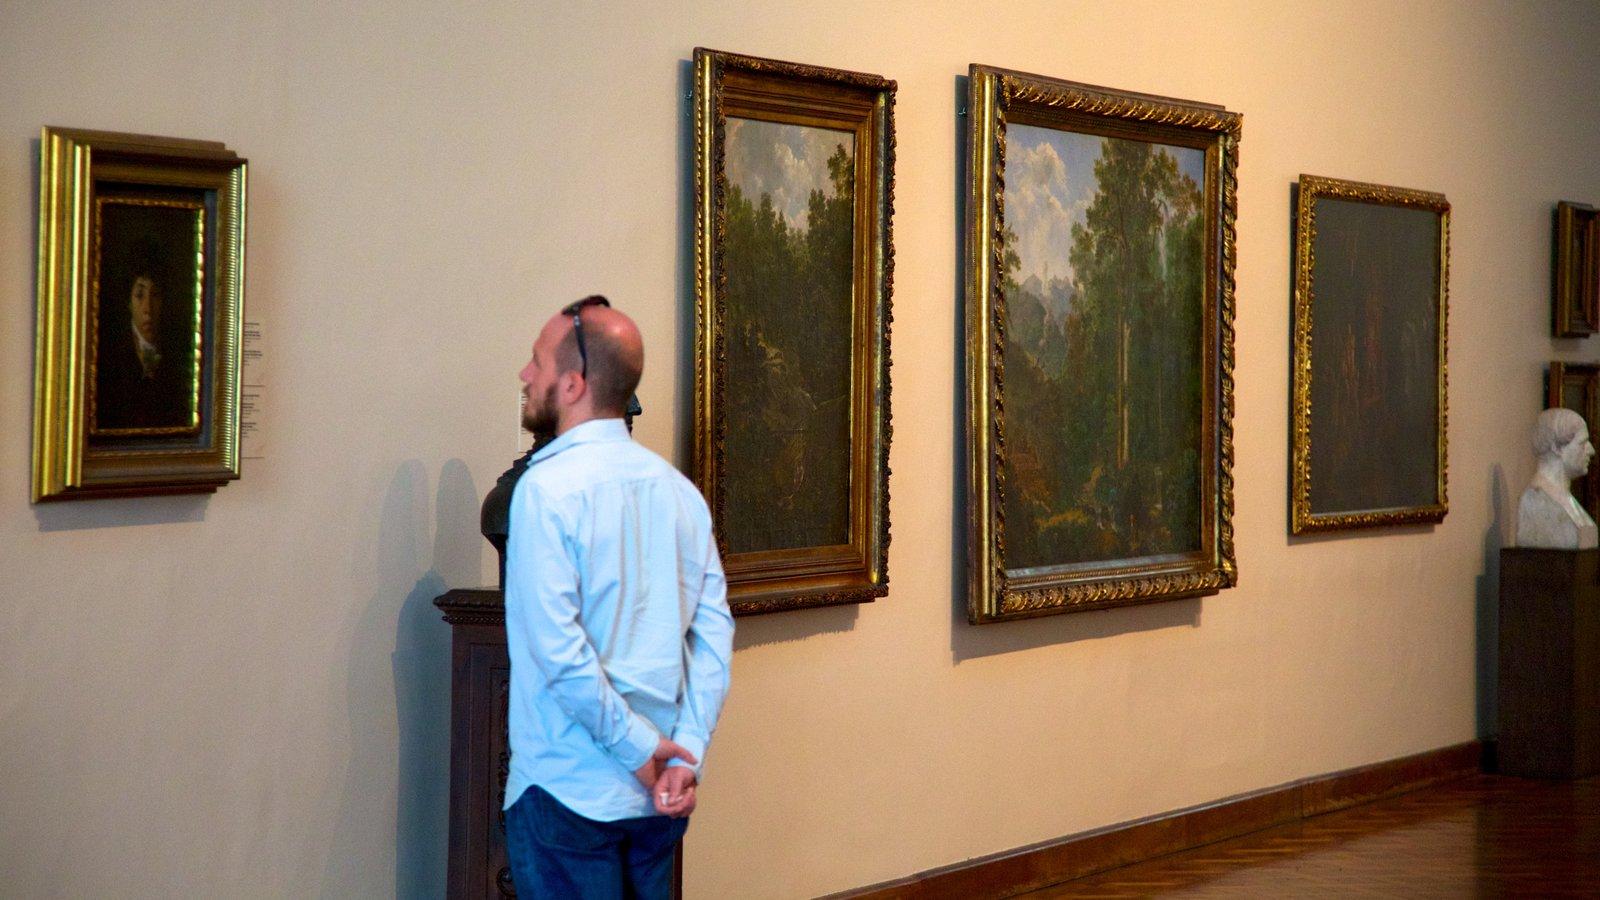 Museu Nacional de Belas Artes mostrando arte e vistas internas assim como um homem sozinho